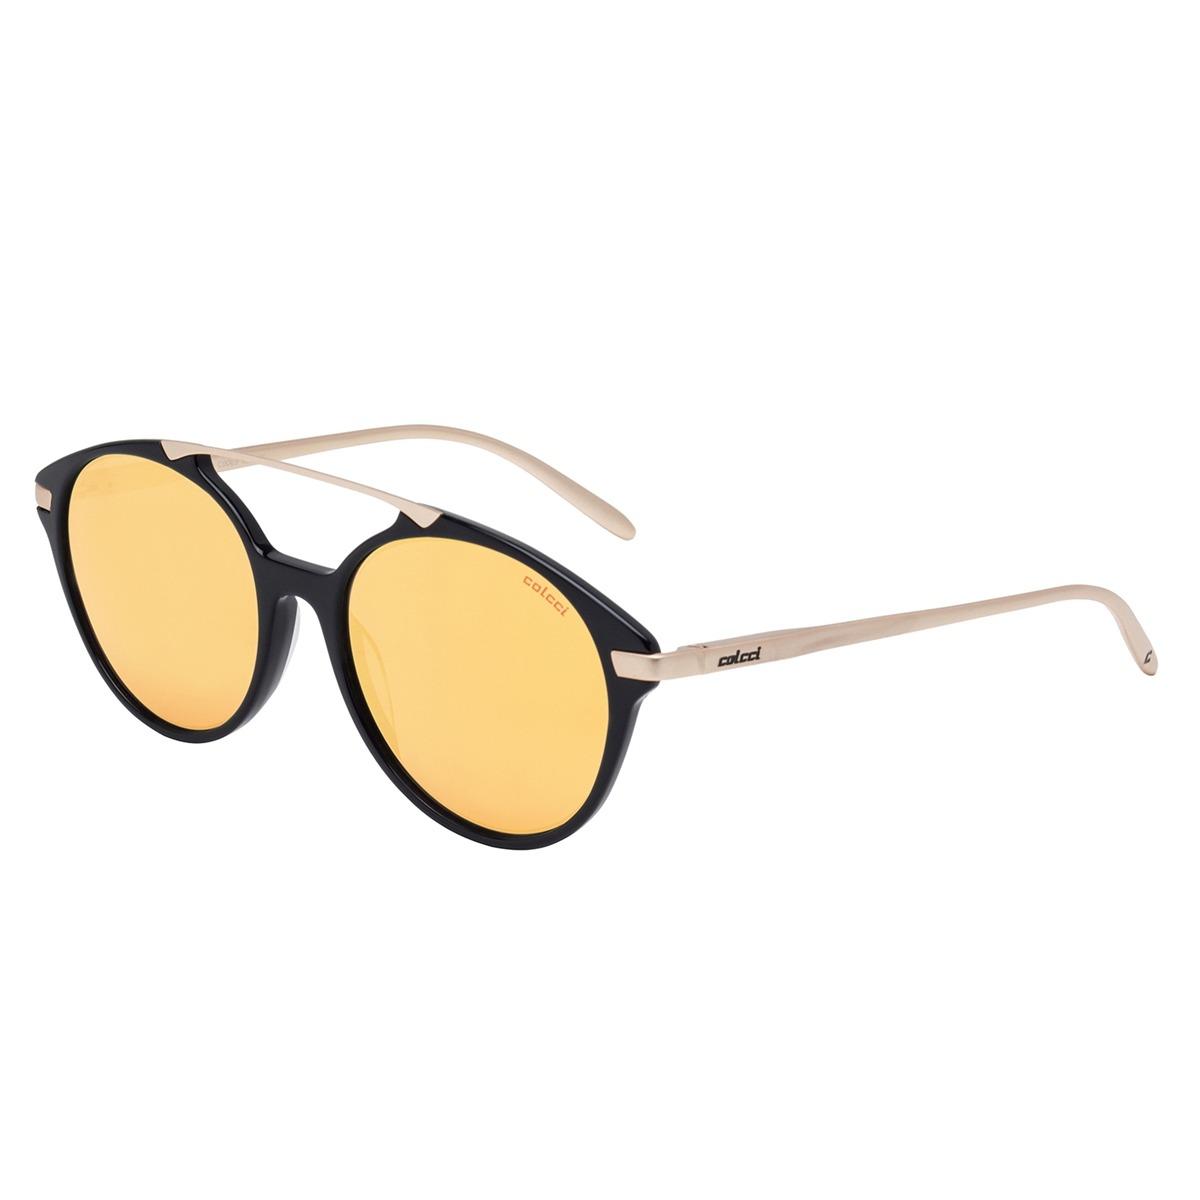 949742ad3 Óculos De Sol Preto/dourado E Lente Marrom C0069a3416 Colcci - R ...